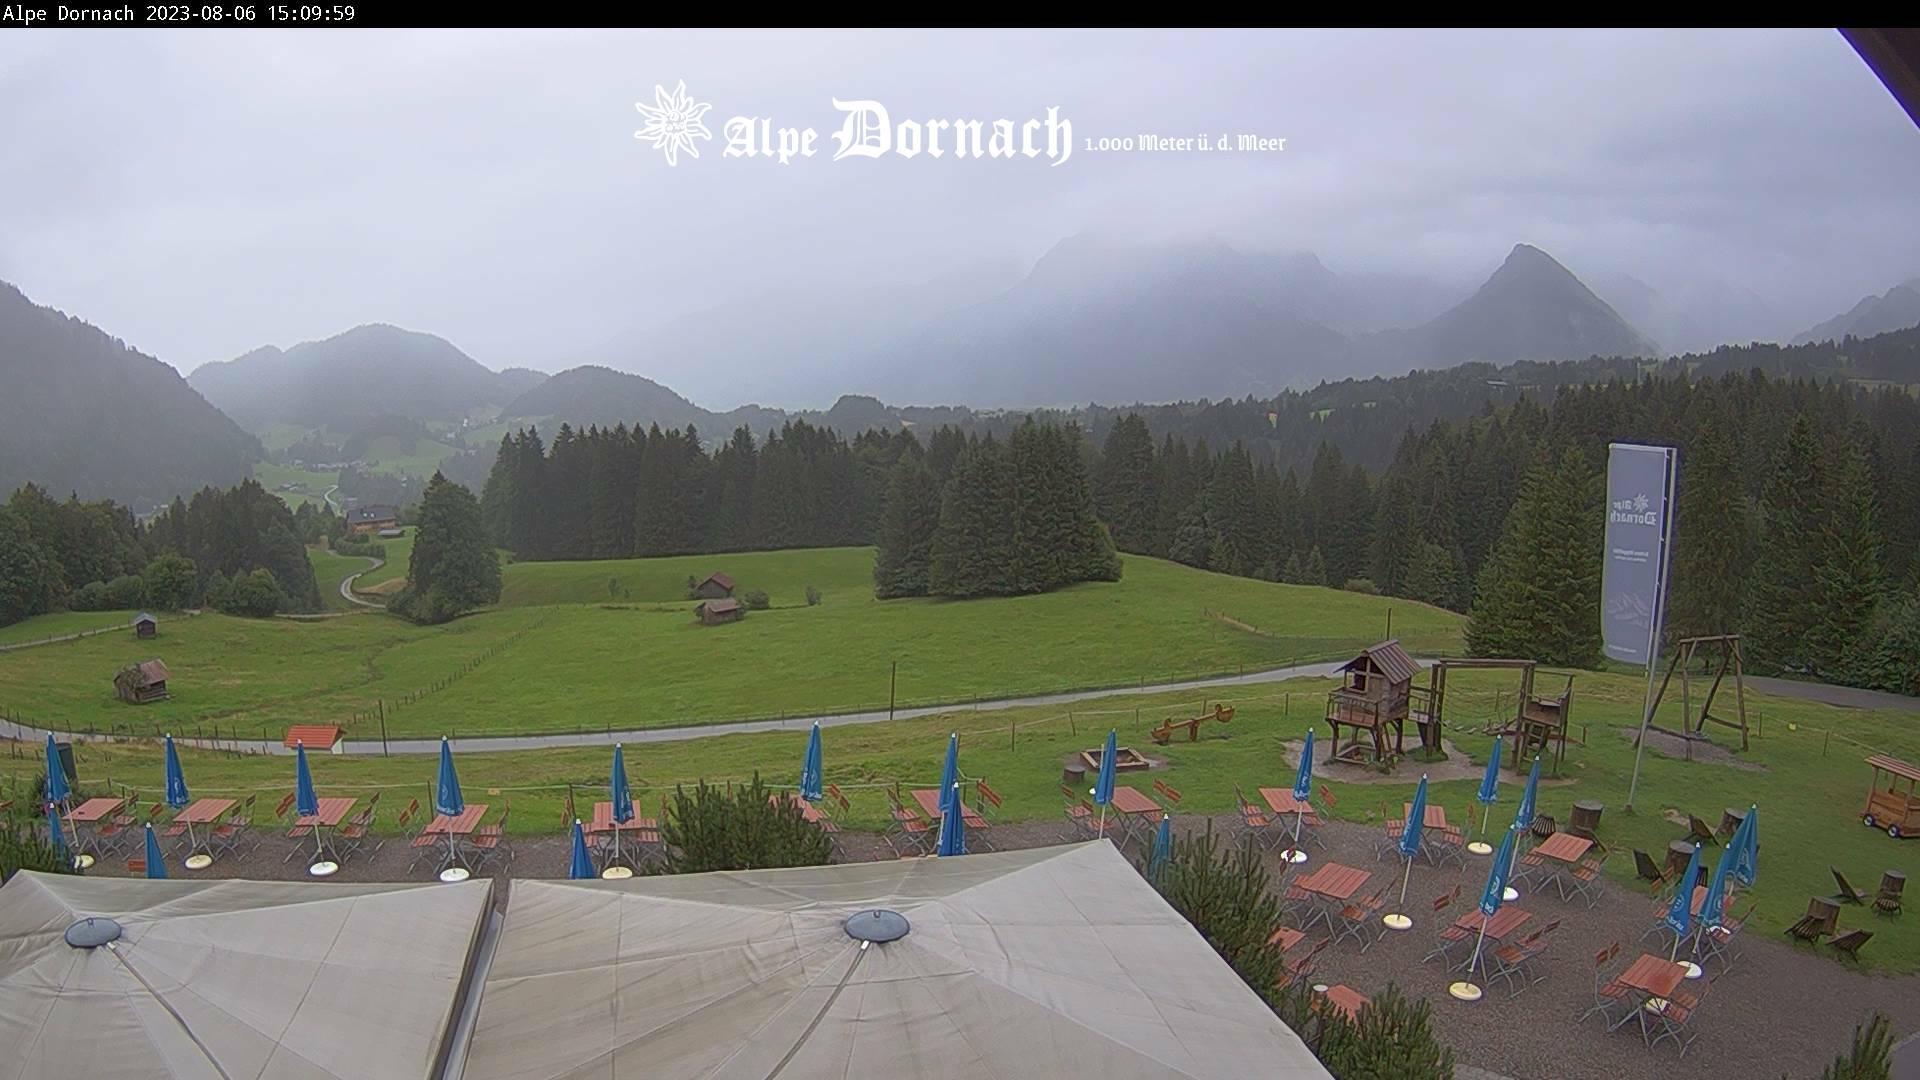 Webcam Alpe Dornach